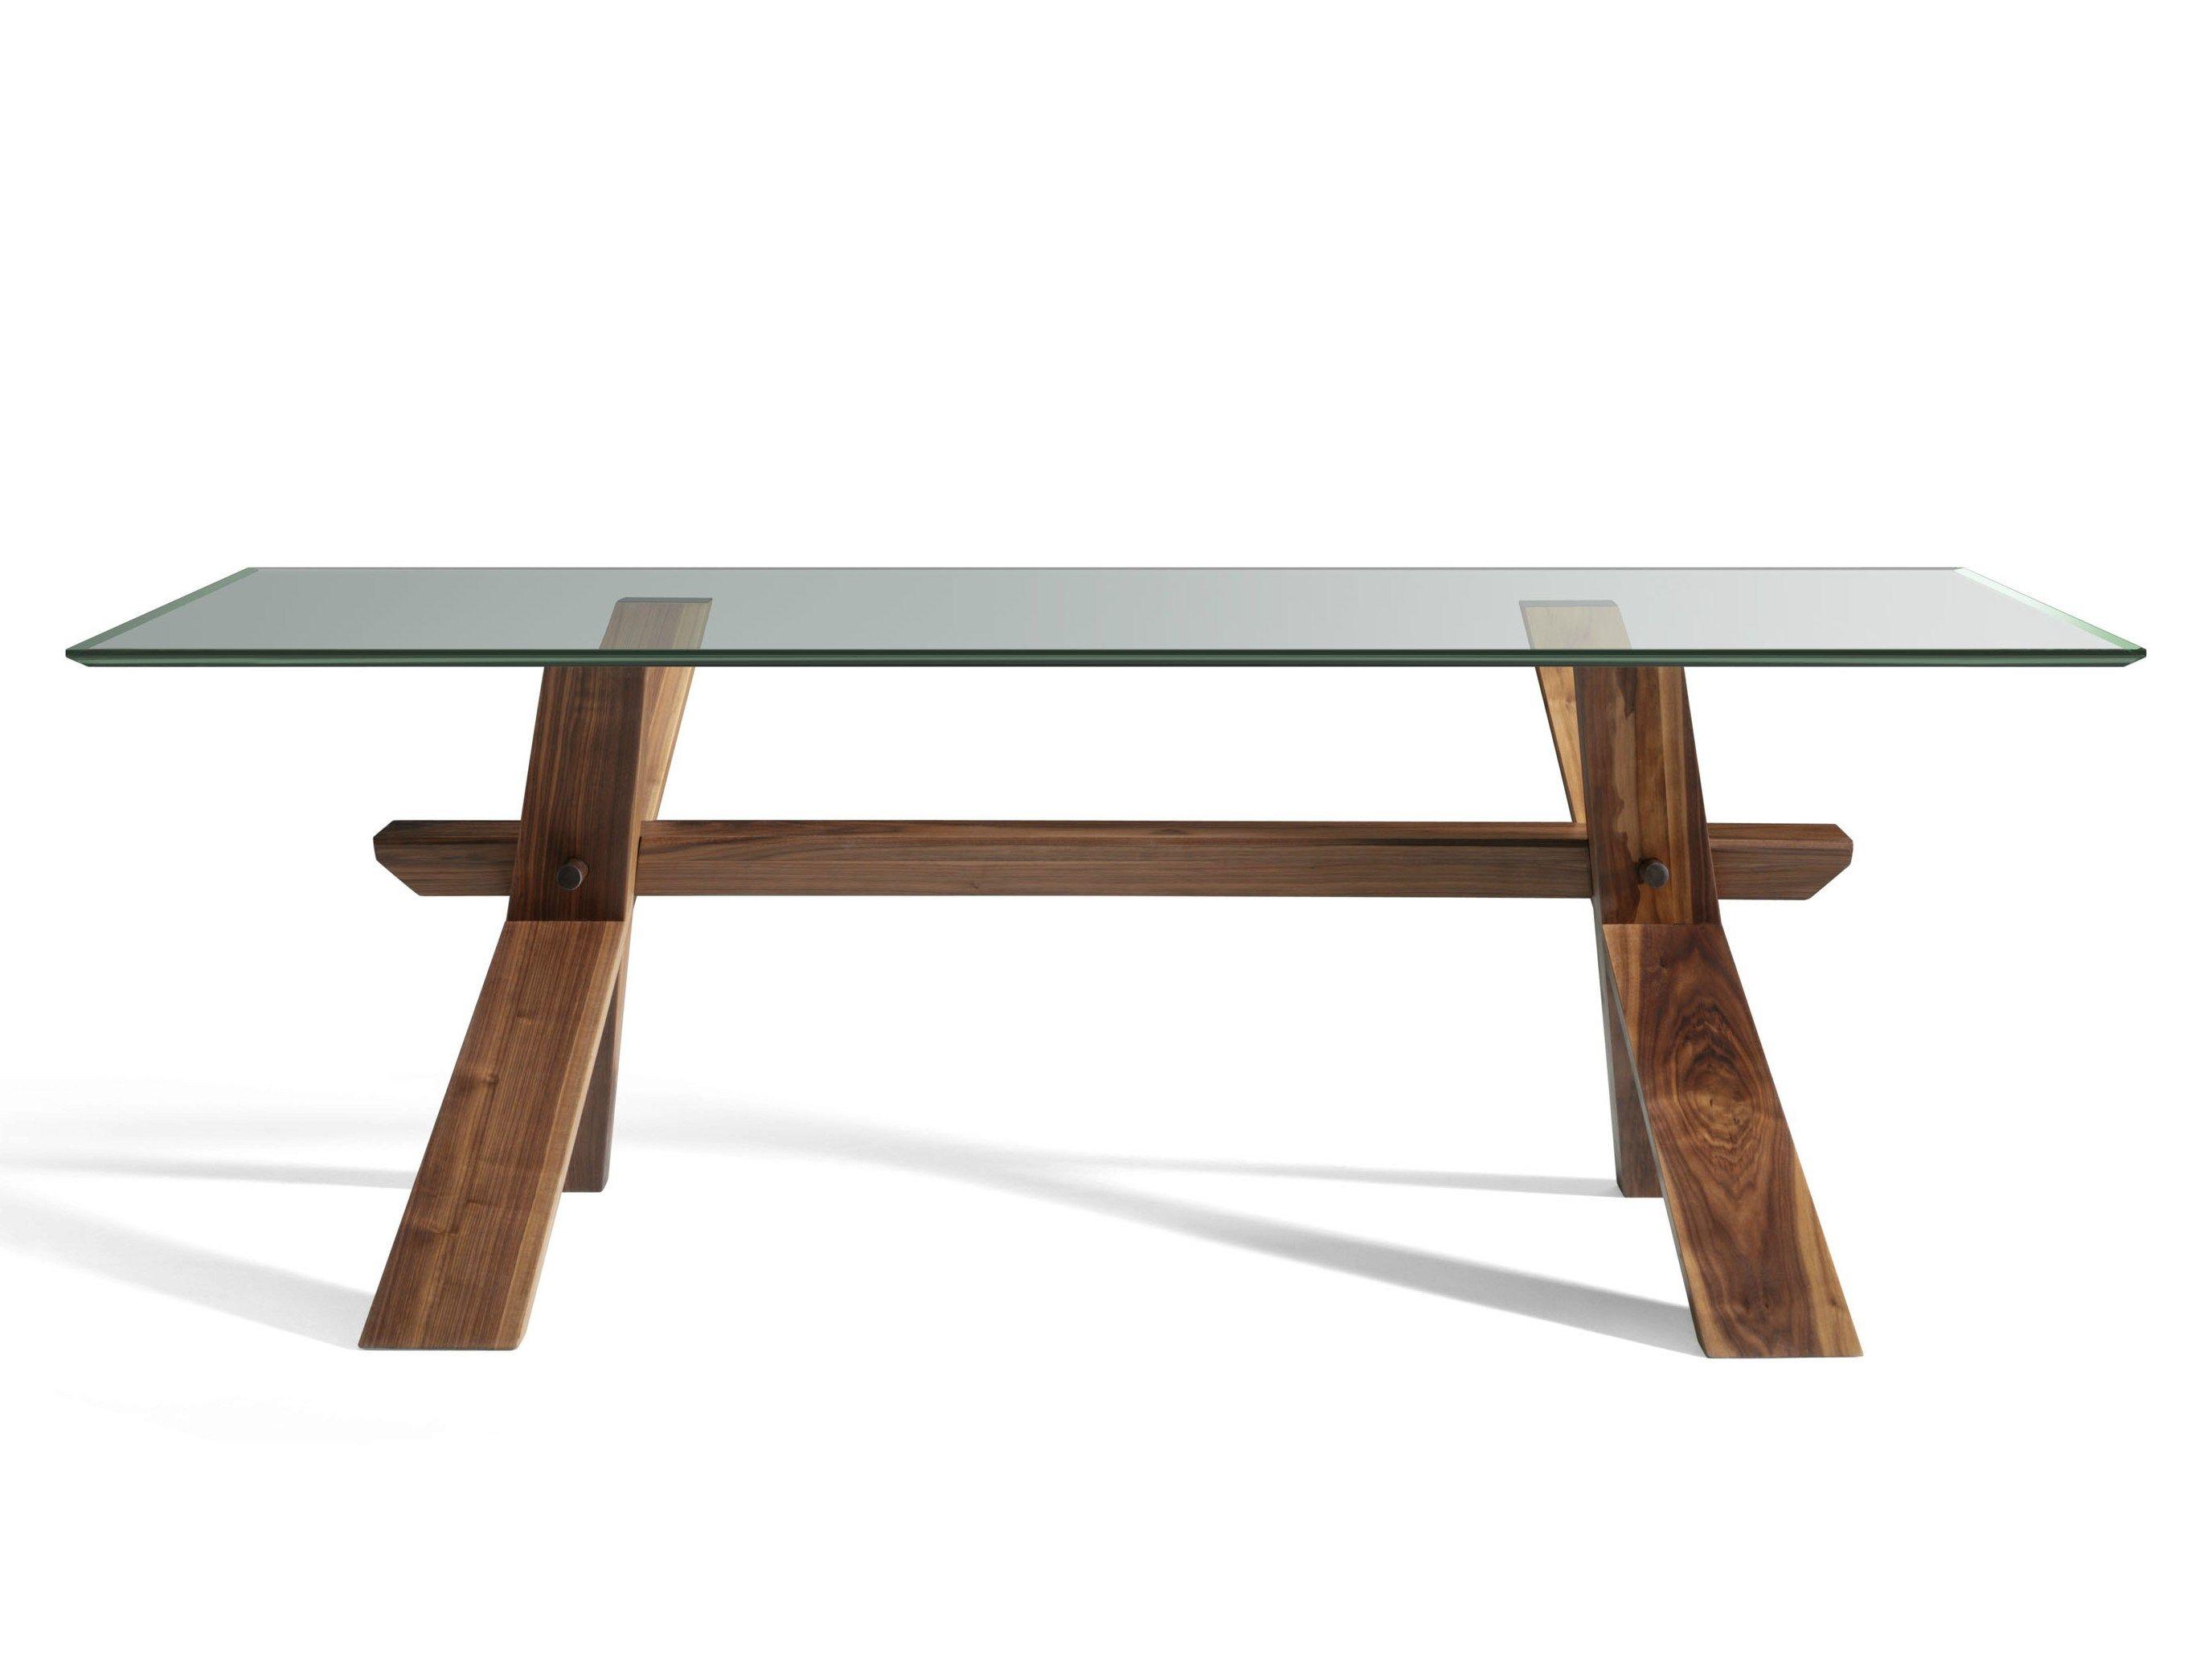 Tavolo vetro e legno tavoli da soggiorno in legno | Isupergiocherelloni